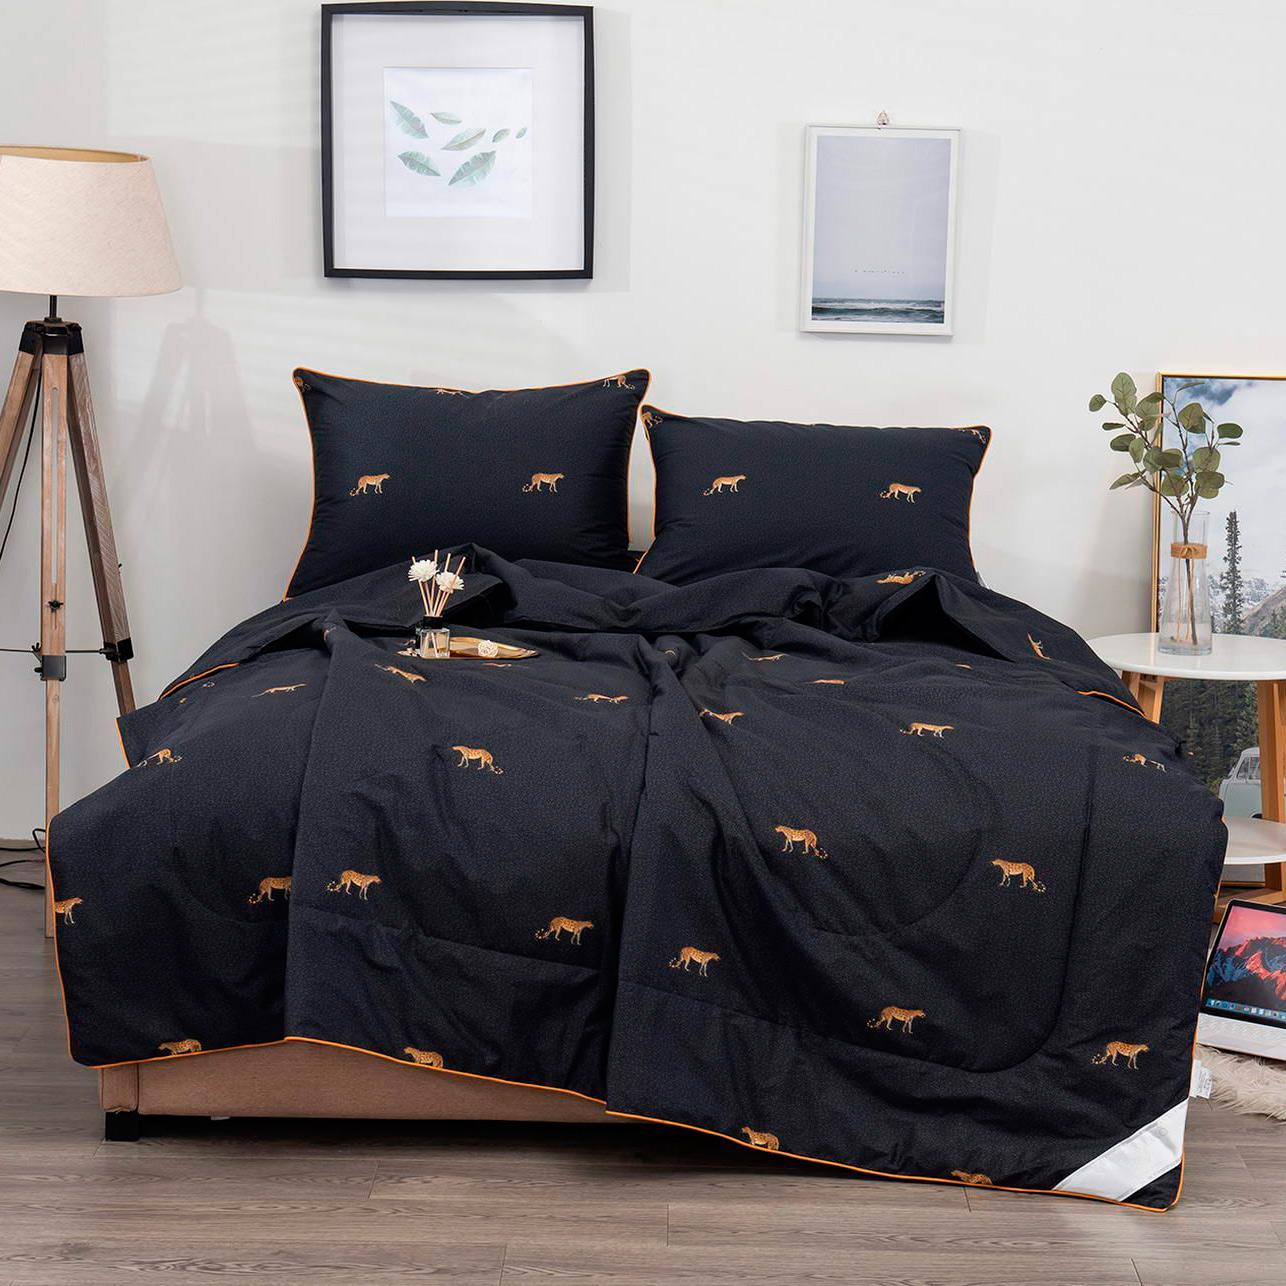 Комплект постельного белья с одеялом Sofi De Marko Ришелье Семейный (КТ-7Е-Р3) комплект постельного белья с одеялом sofi de marko дарси семейный кт 7е ст51